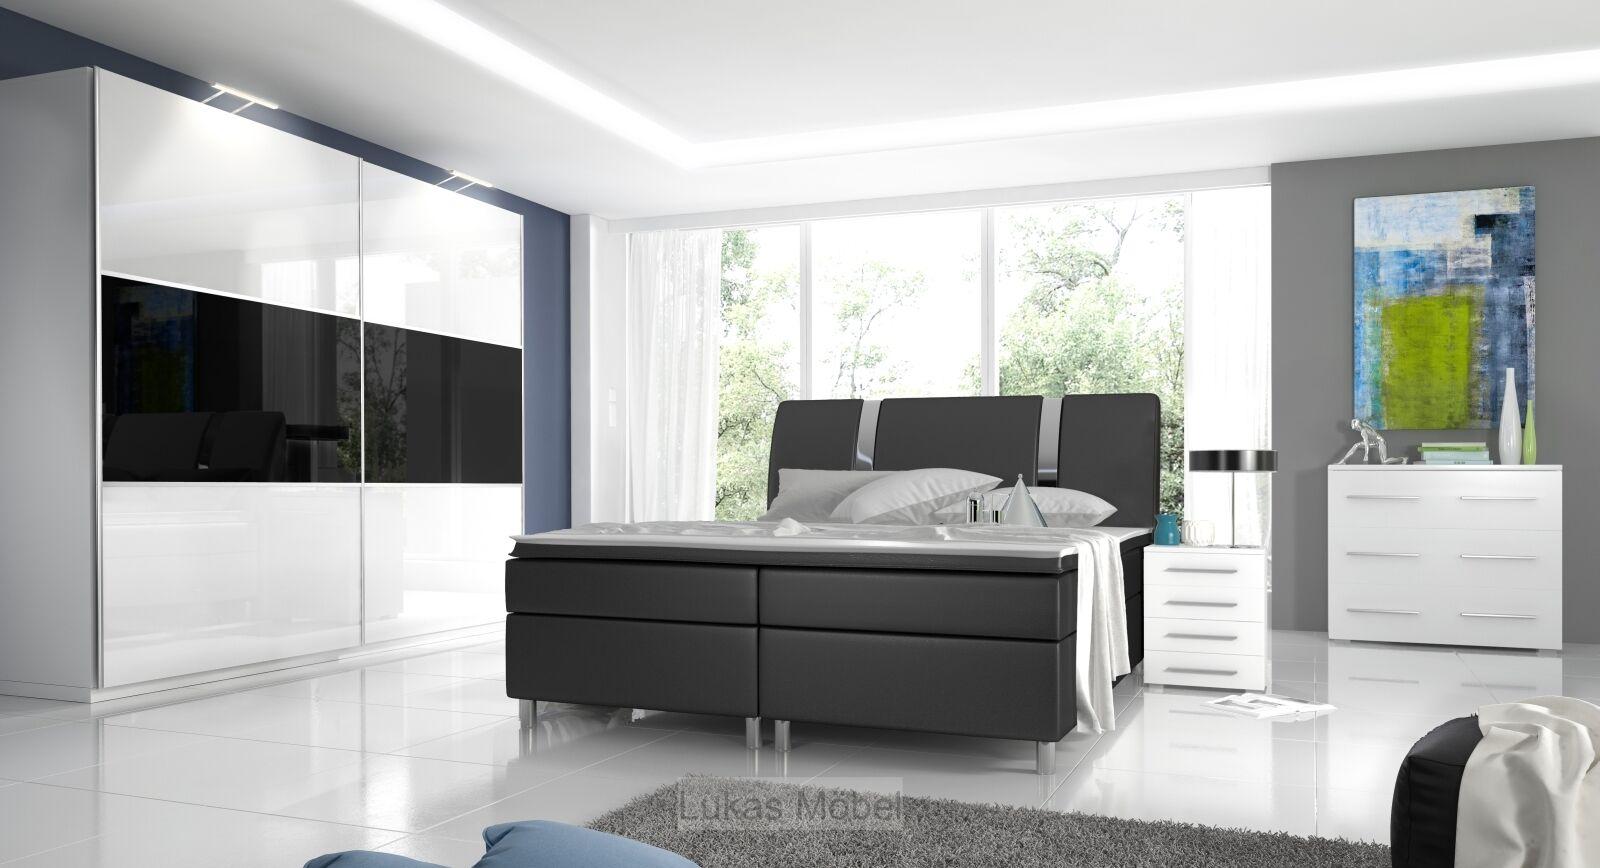 Komplett Schlafzimmer Hochglanz RivaBox Kleiderschrank, Bett, 2 Nachttische 1